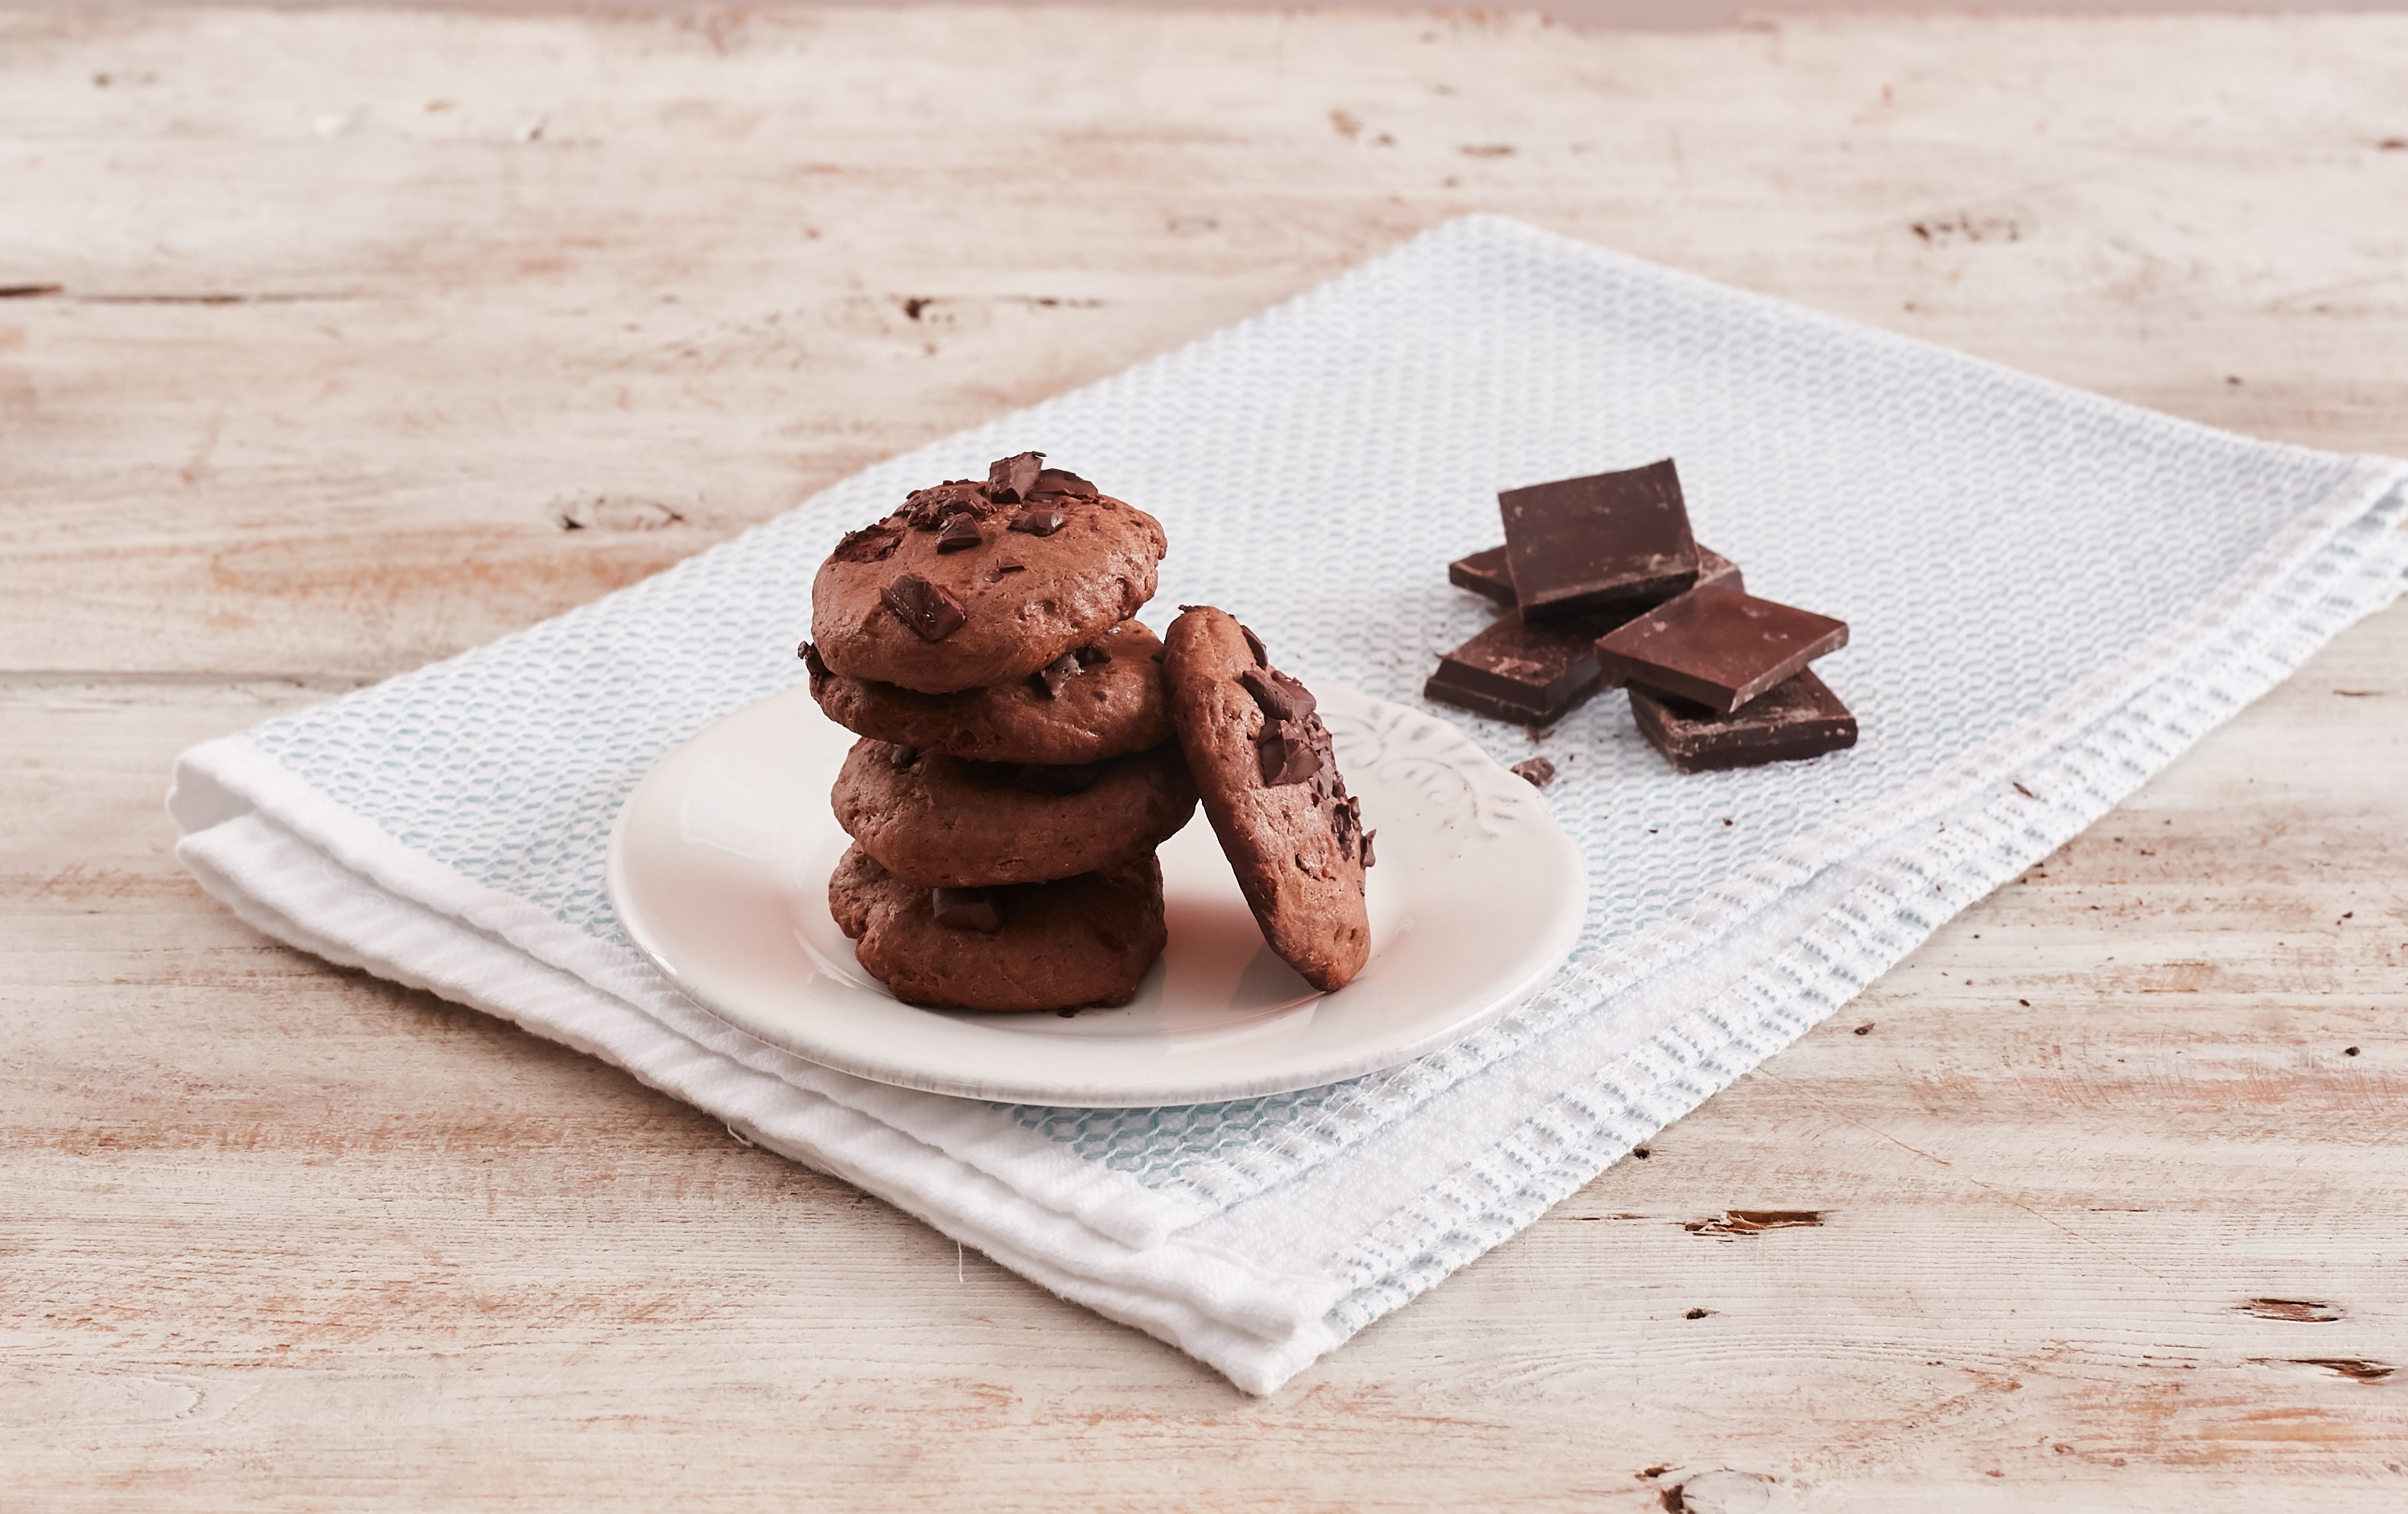 Galletas con Chocochip de Leche Condensada